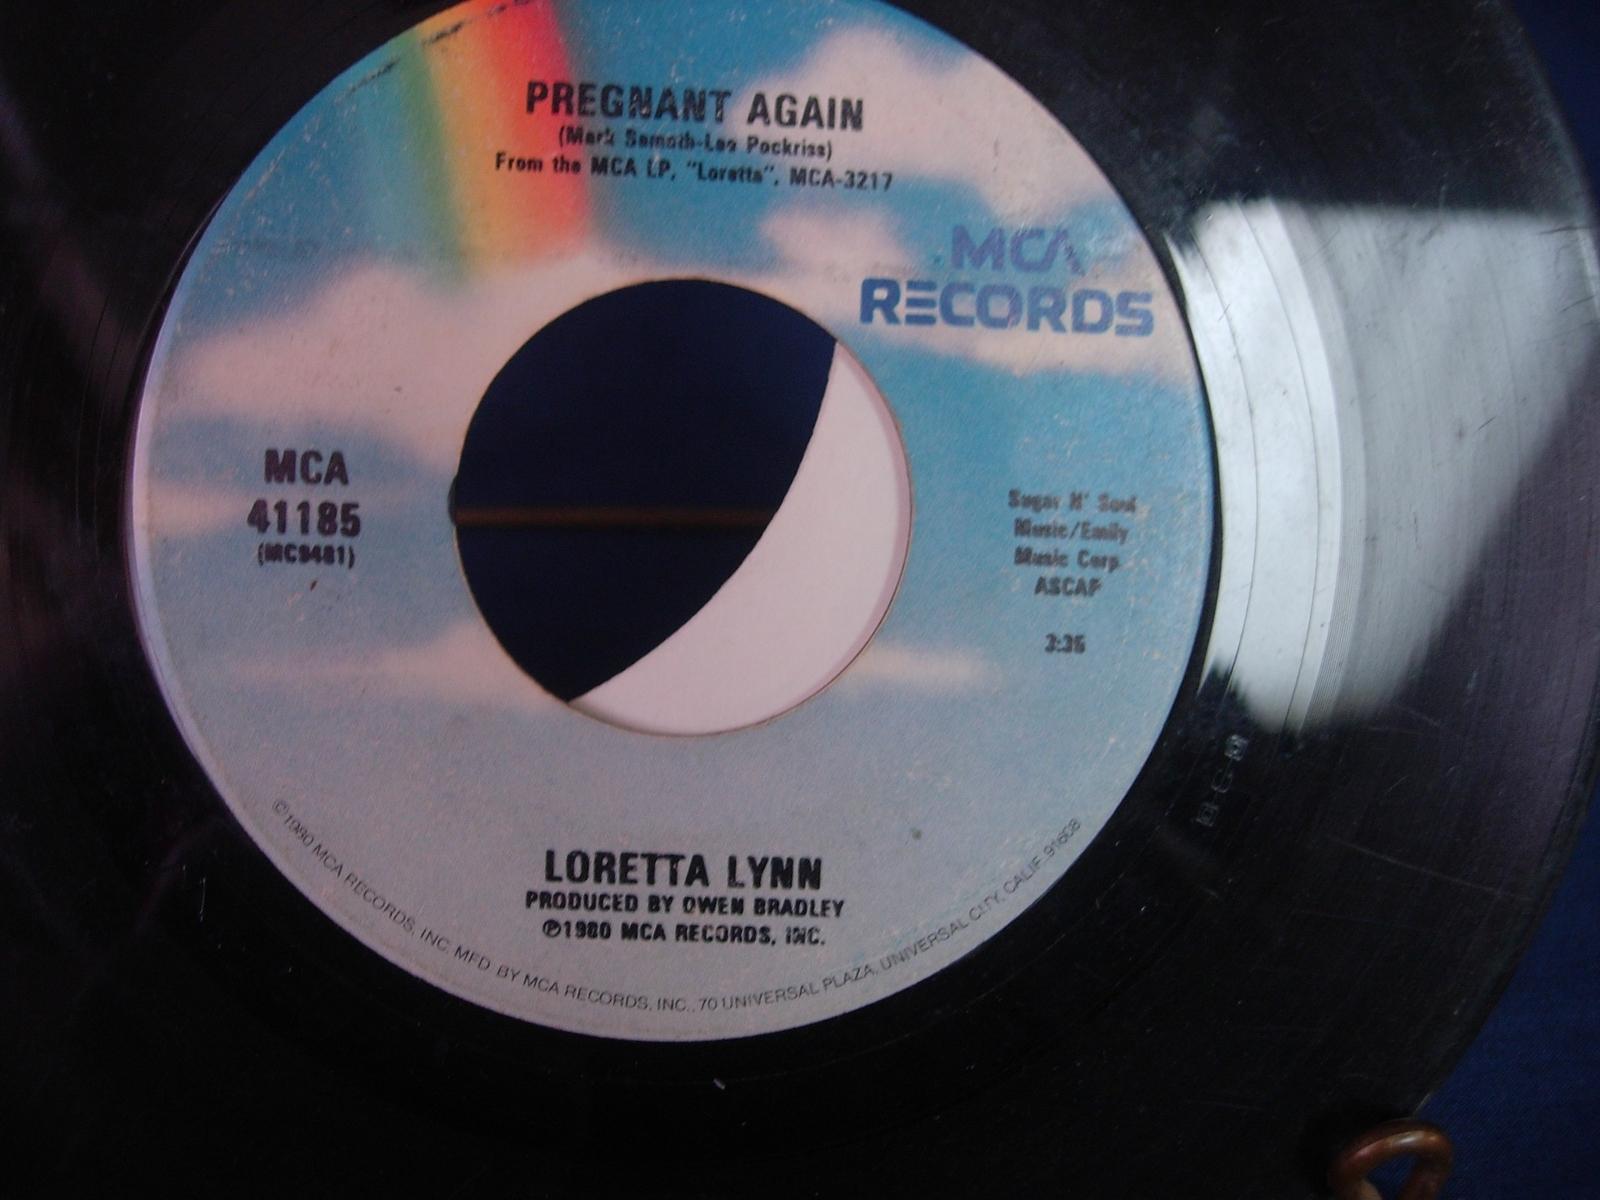 Loretta Lynn - Pregnant Again / You're A Cross I Can't Bear -  MCA 41185